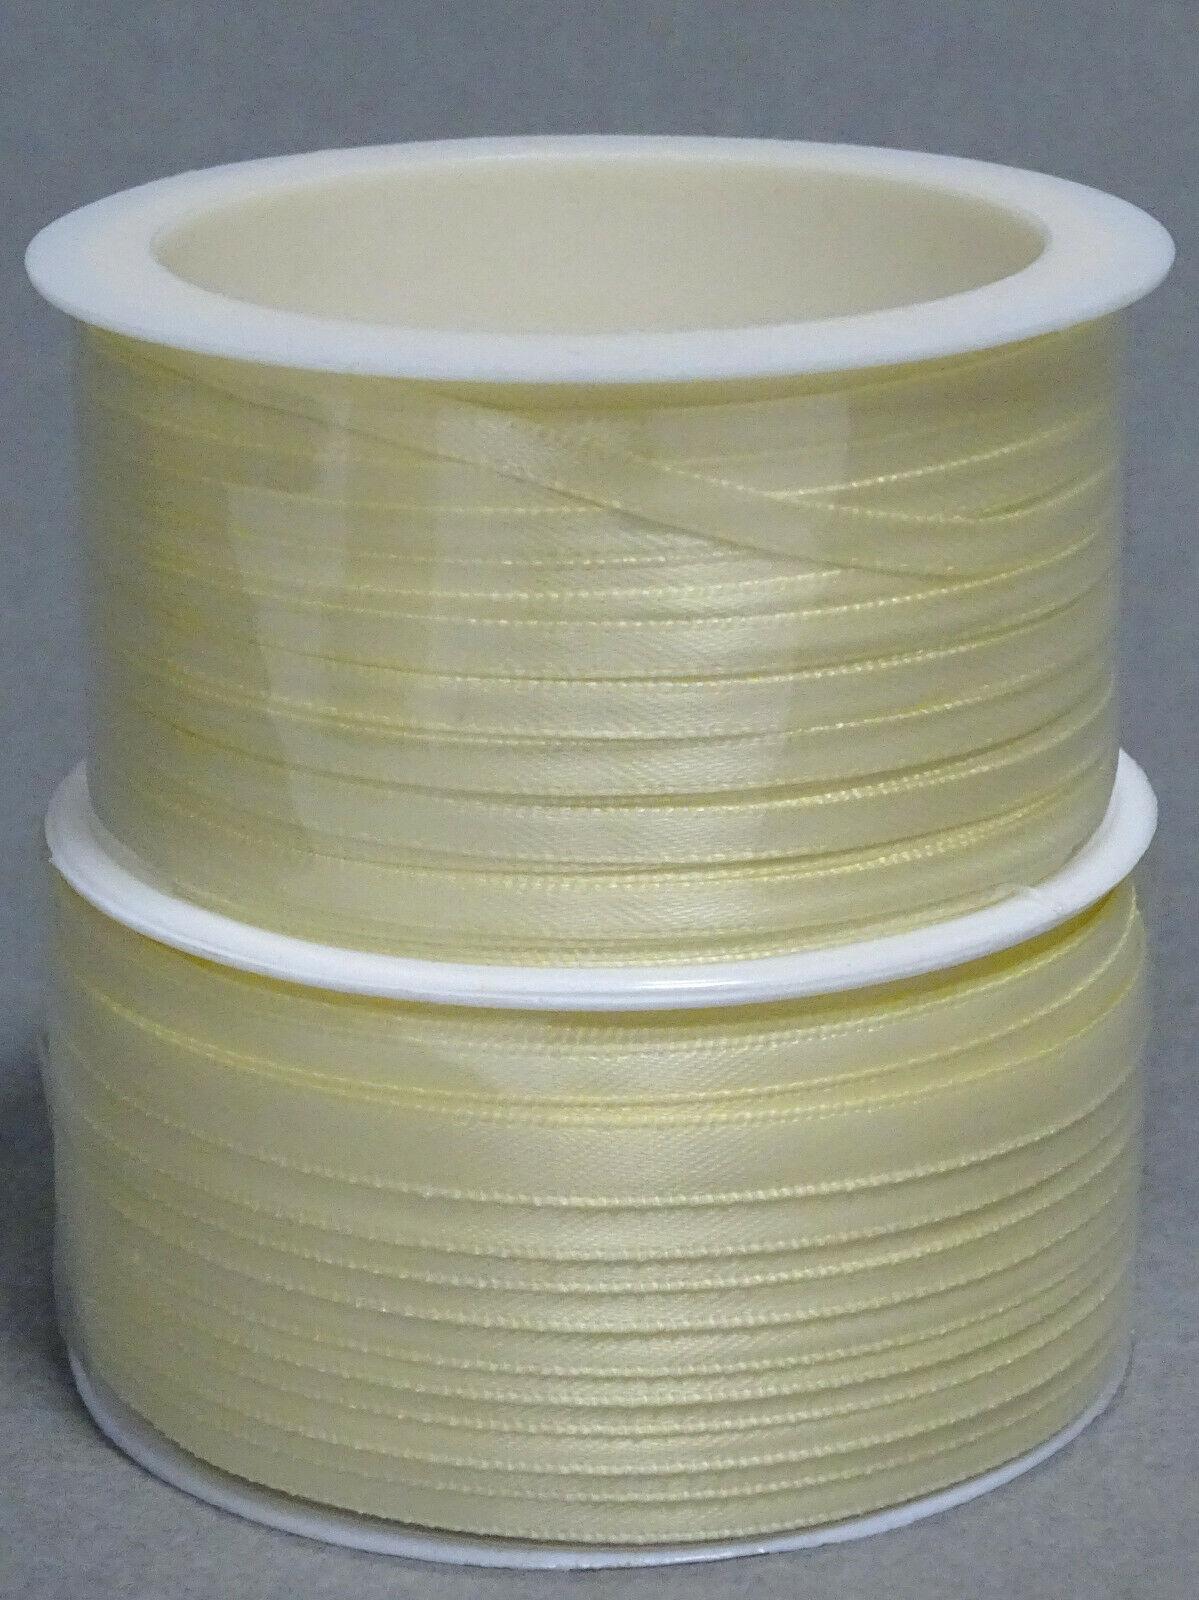 Satinband Schleifenband 50m x 3mm / 6mm Dekoband ab 0,05 €/m Geschenkband Rolle - Creme 102, 3 mm x 50 m